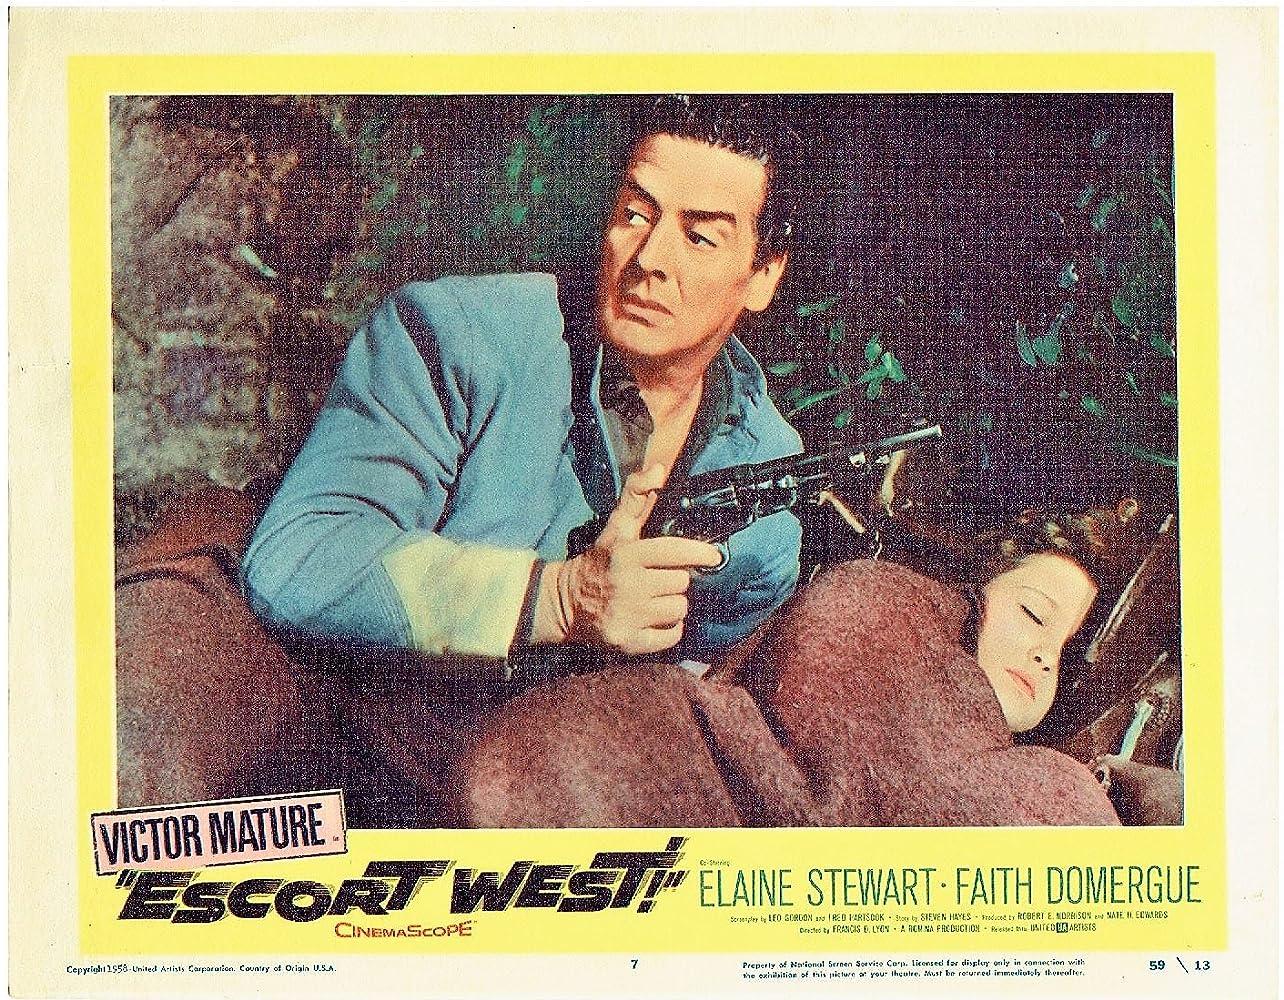 Victor Mature and Elaine Stewart in Escort West (1959)